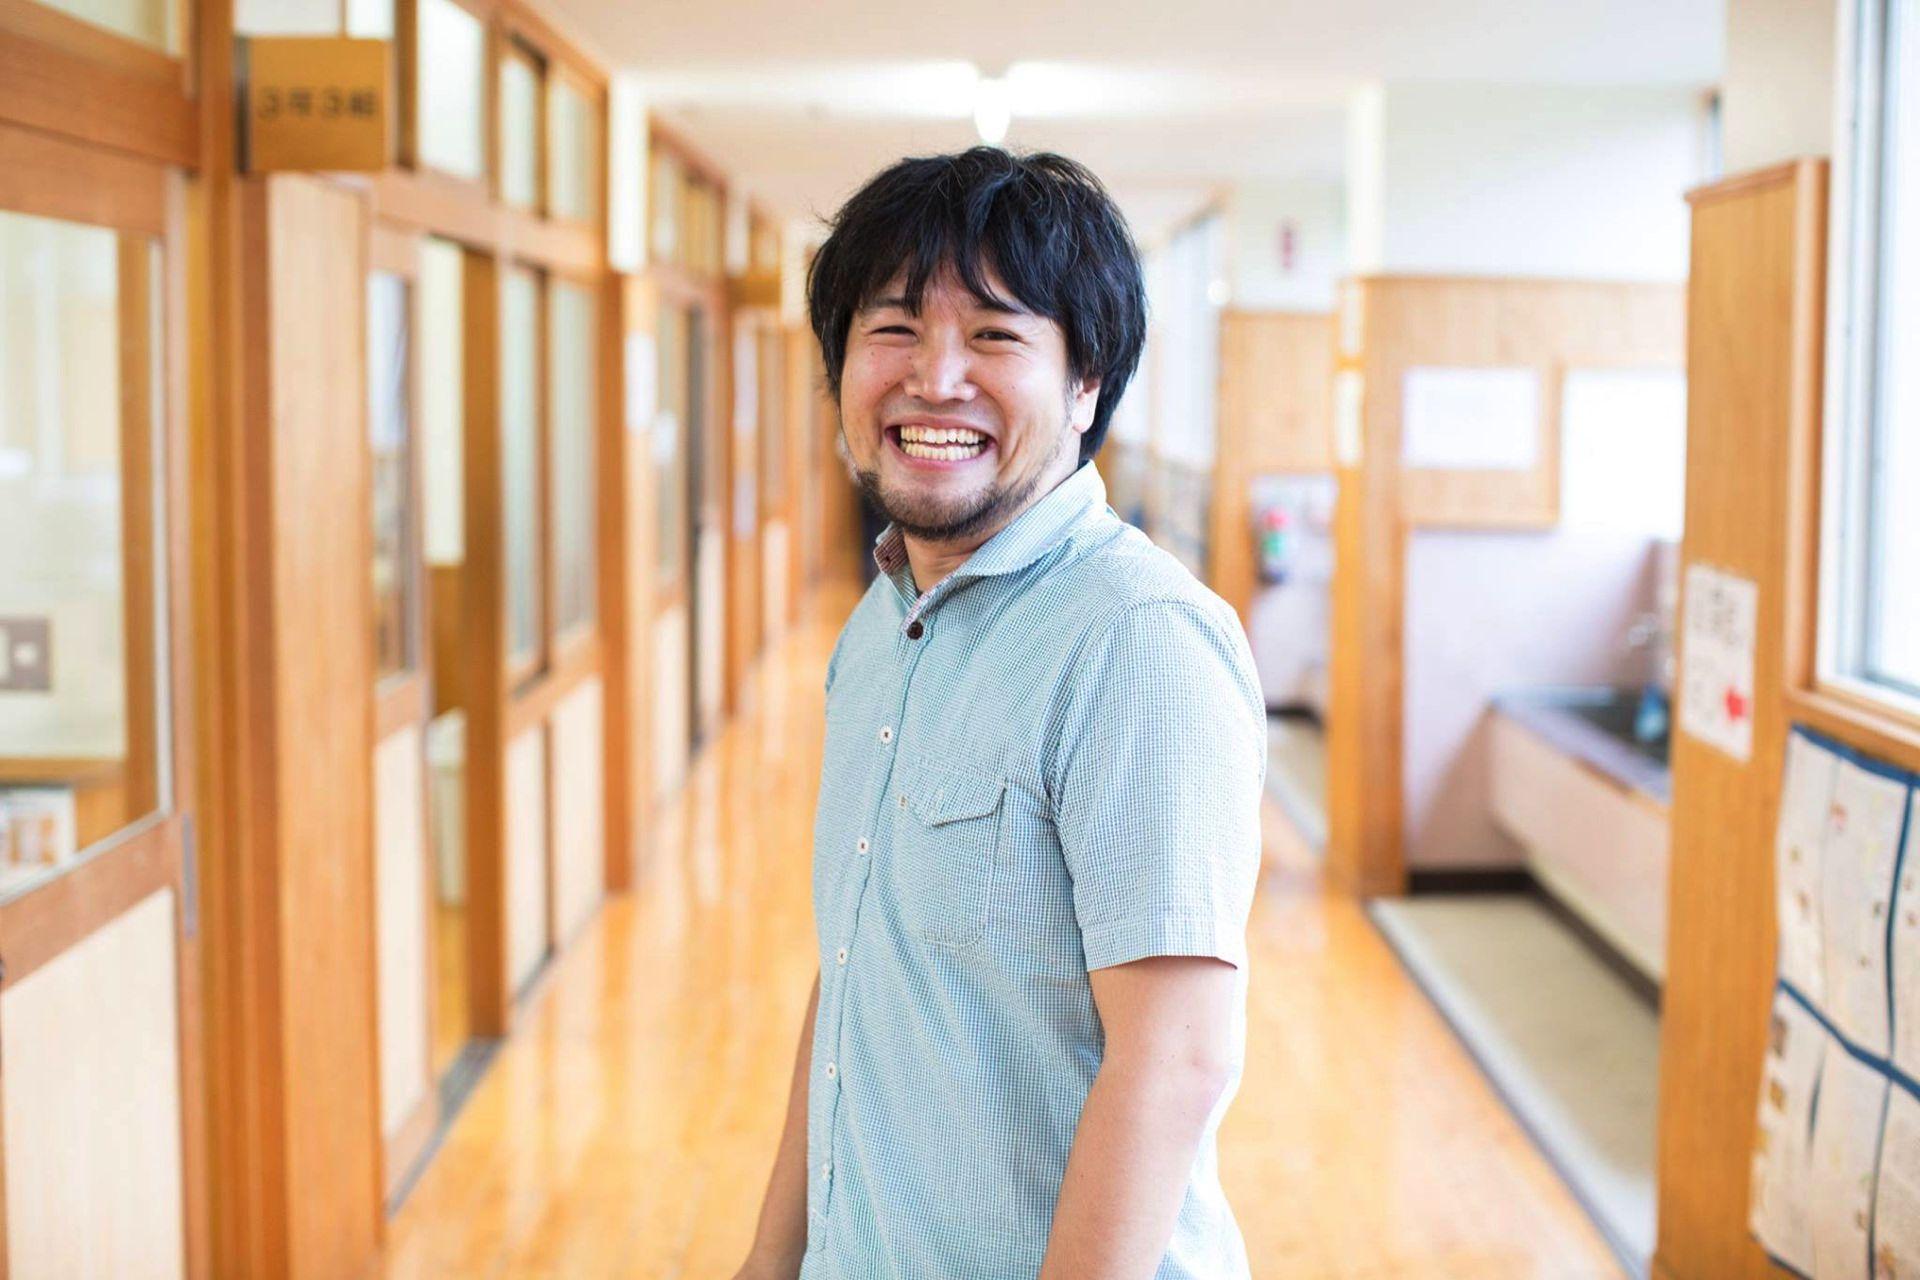 田中 嘉人さんの写真